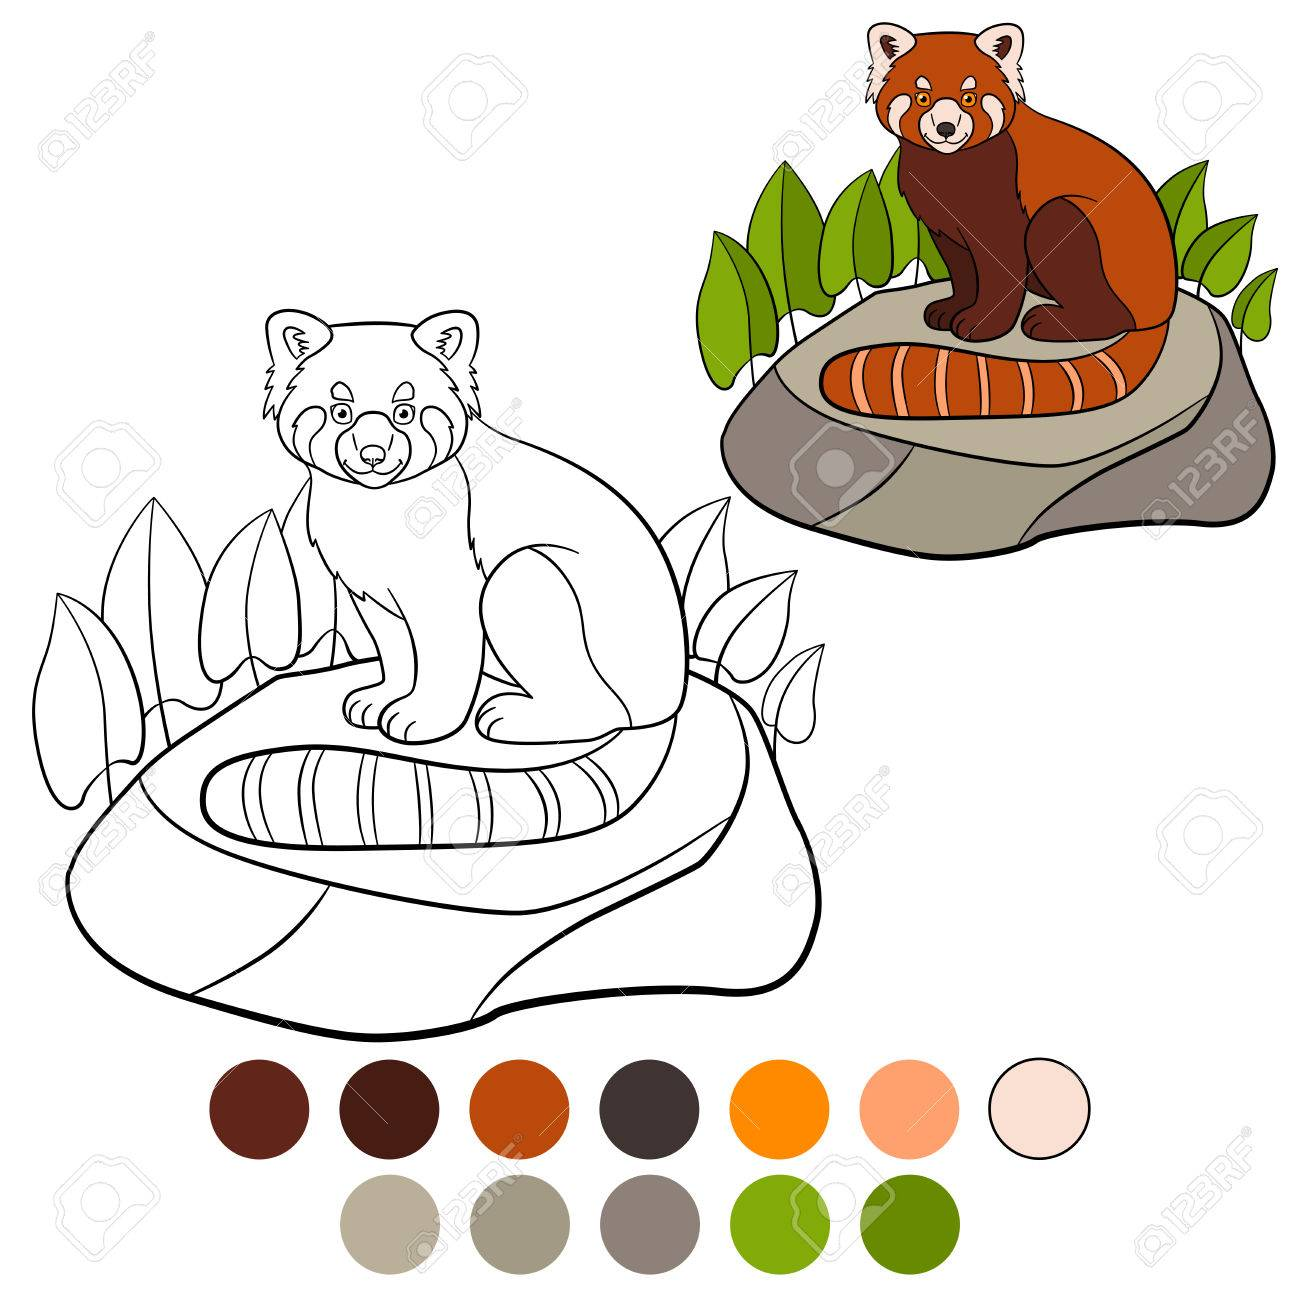 Ungewöhnlich Ausmalbilder Des Roten Pandas Galerie - Druckbare ...